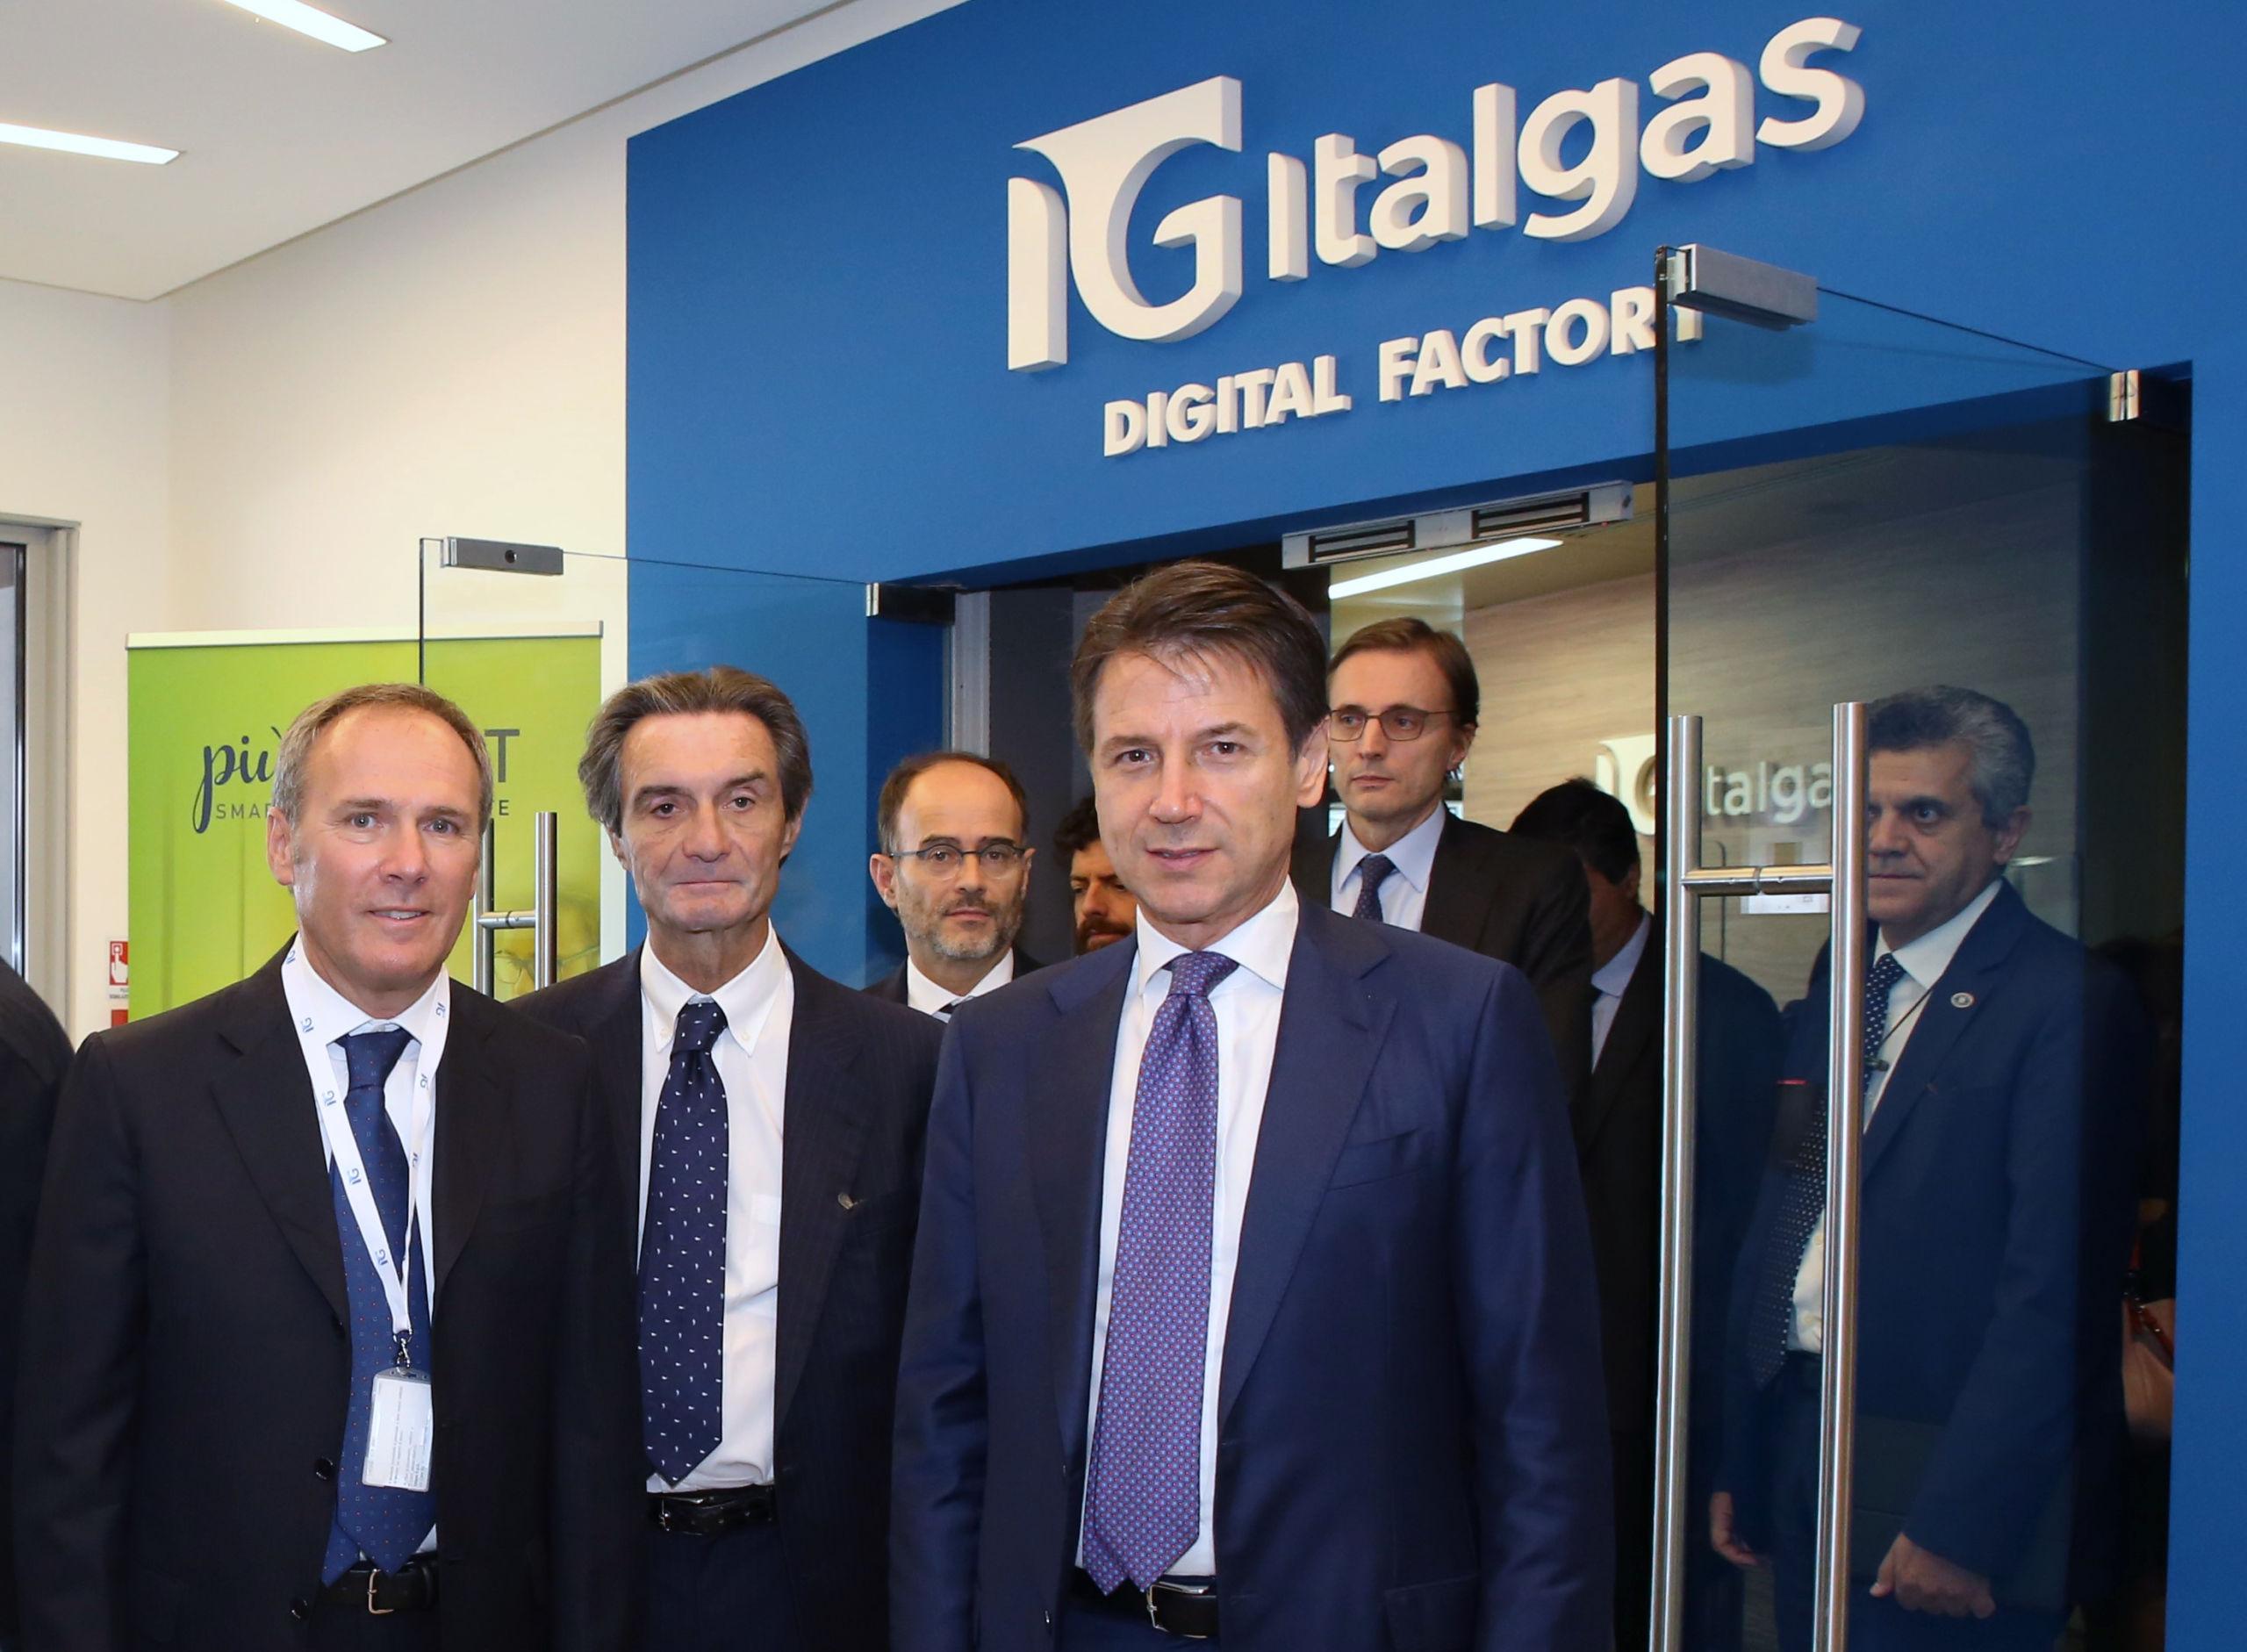 Italgas: il Presidente del Consiglio visita la sede di Milano e la Digital Factory